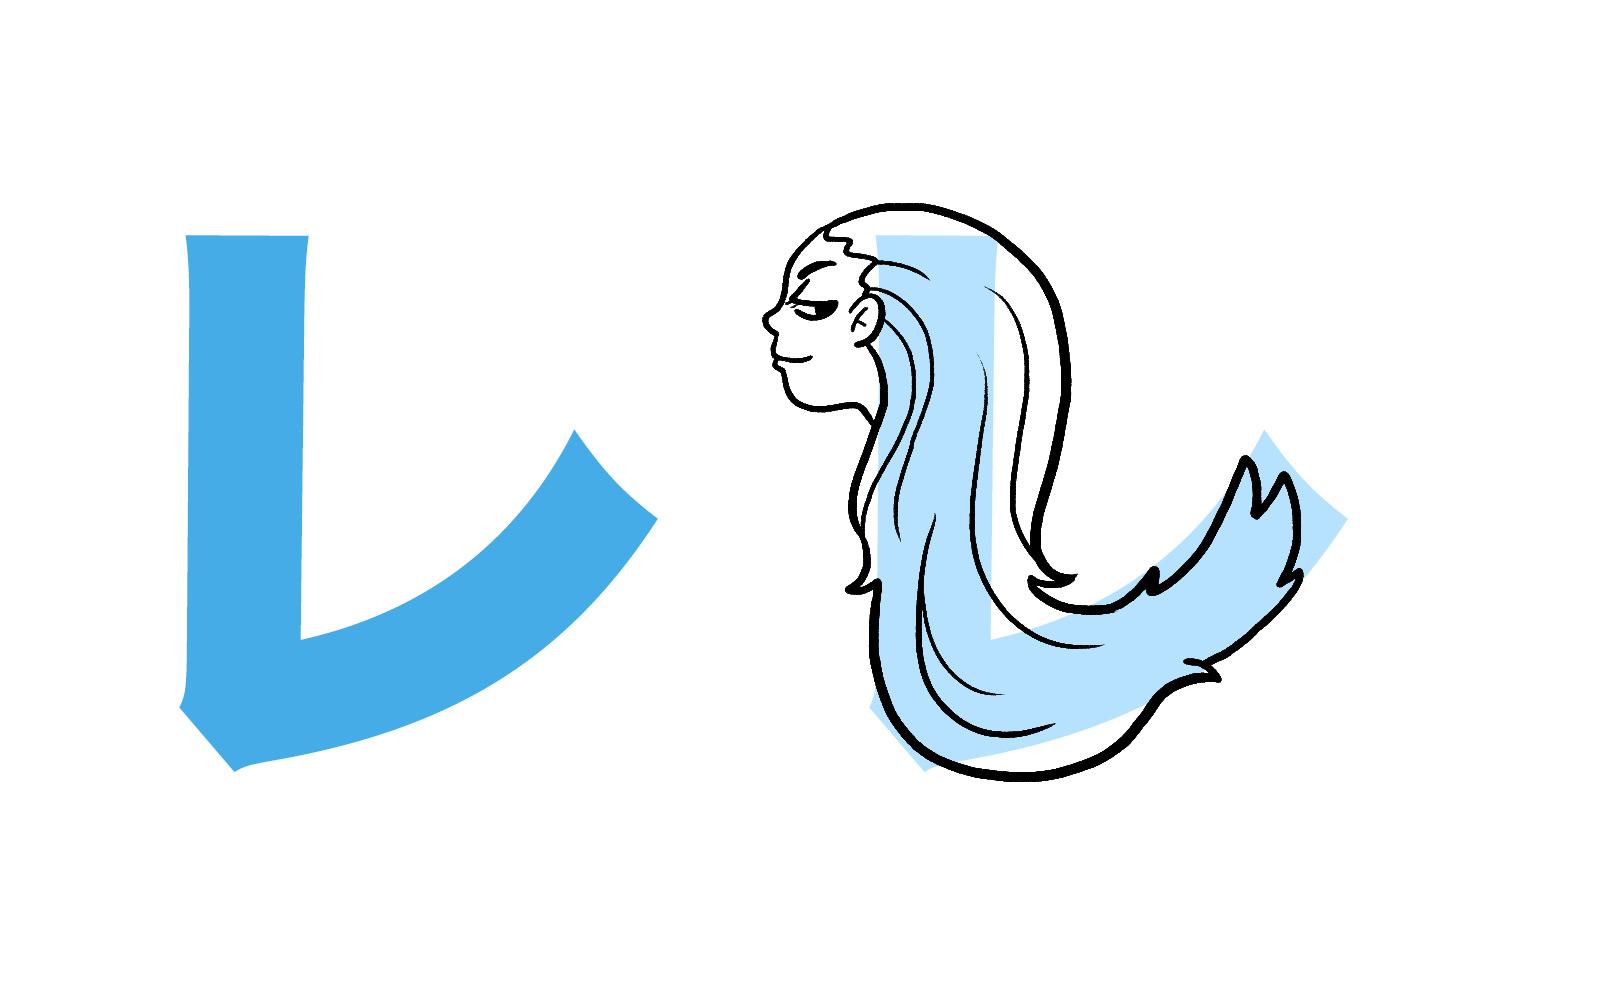 Katakana character レ mnemonic